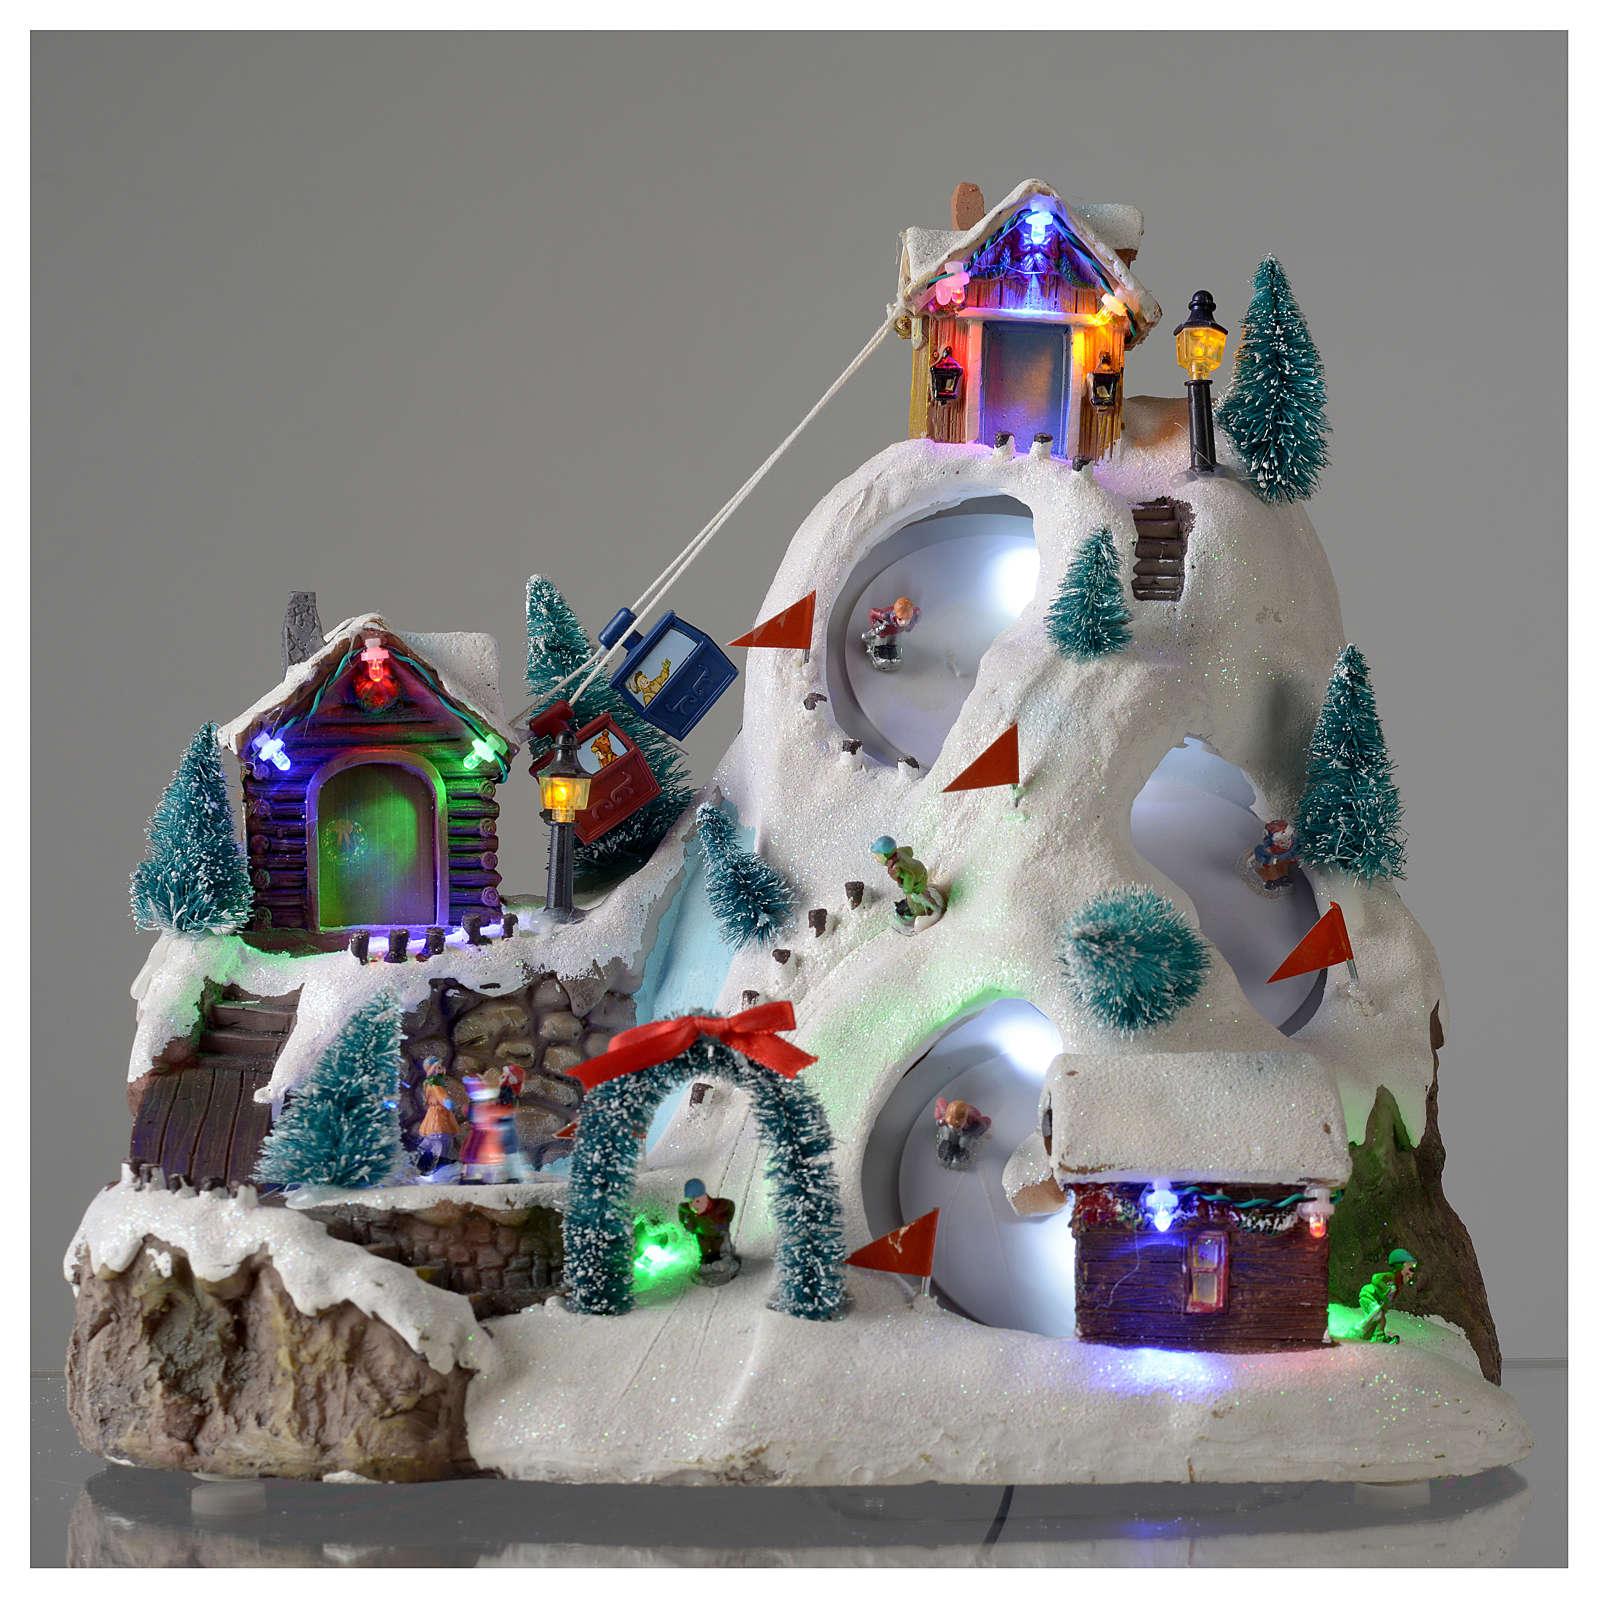 Villaggio natalizio luminoso musicale movimento pista sci laghetto 29X31X22 cm 3